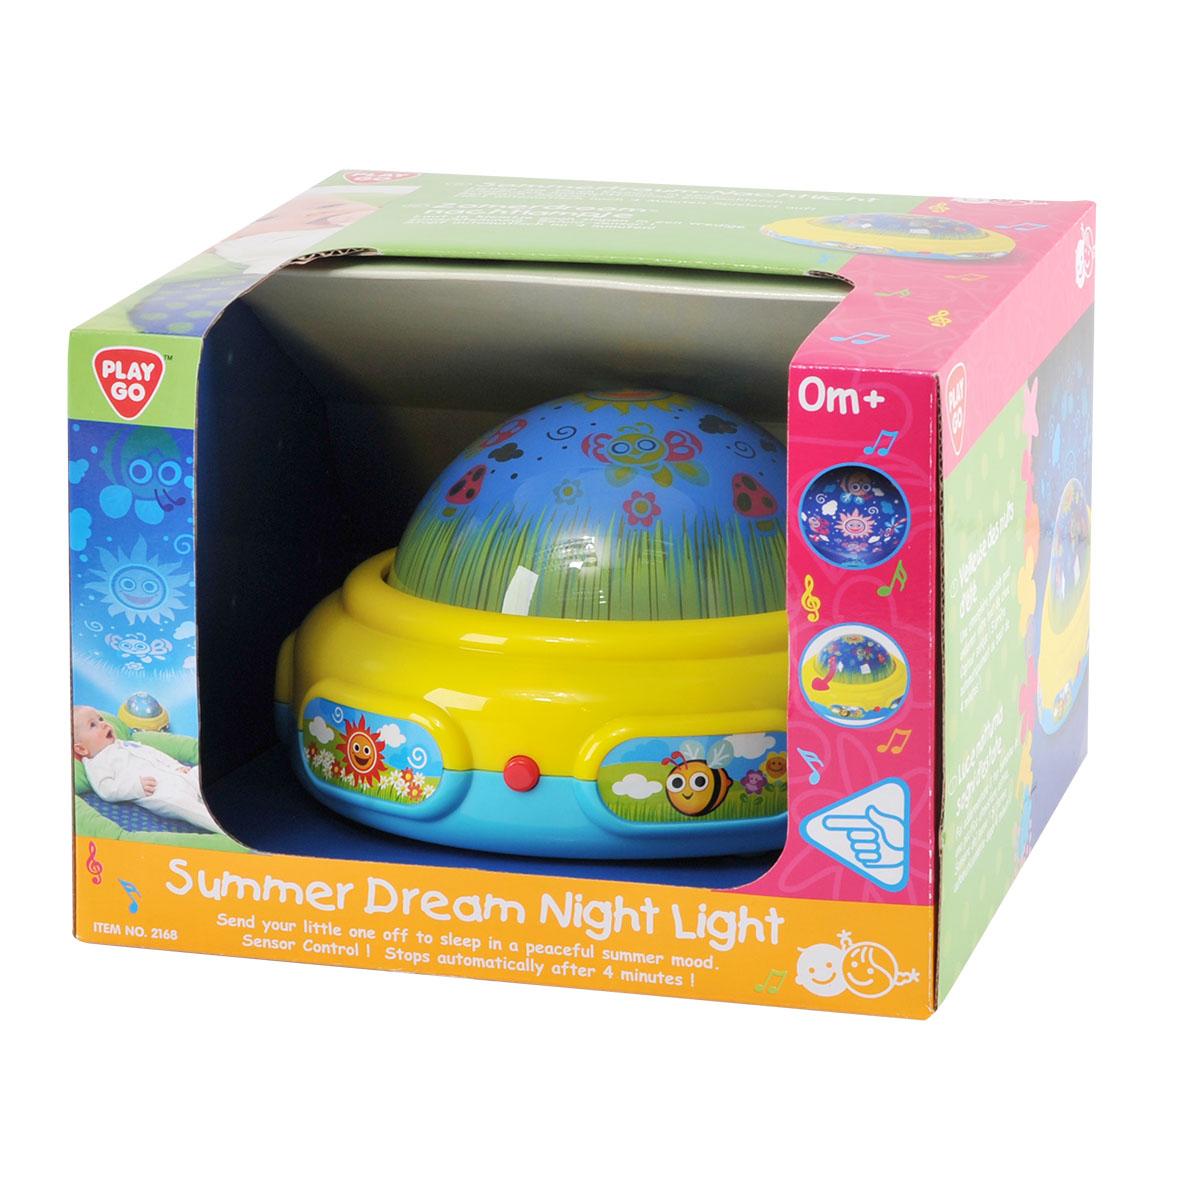 Playgo Развивающий центр Волшебный светPlay 2168Игровой развивающий центр - это уникальный сенсорный ночник-проектор, который понравится любому малышу, когда он будет отравляться в волшебную страну снов. При помощи проектора, световой луч отражается на стене в виде животных, которые появляются под спокойную мелодию.Проектор имеет три режима:- играет музыка и горит свет;- играет только музыка;- горит только свет.После 4-х минут работы, проектор автоматически отключается.Проектор работает от 3-х батареек типа LR6/ААА/1.5 V, которые предусмотрены в наборе.Размер проектора: 17 х 17 х 10,5 см.